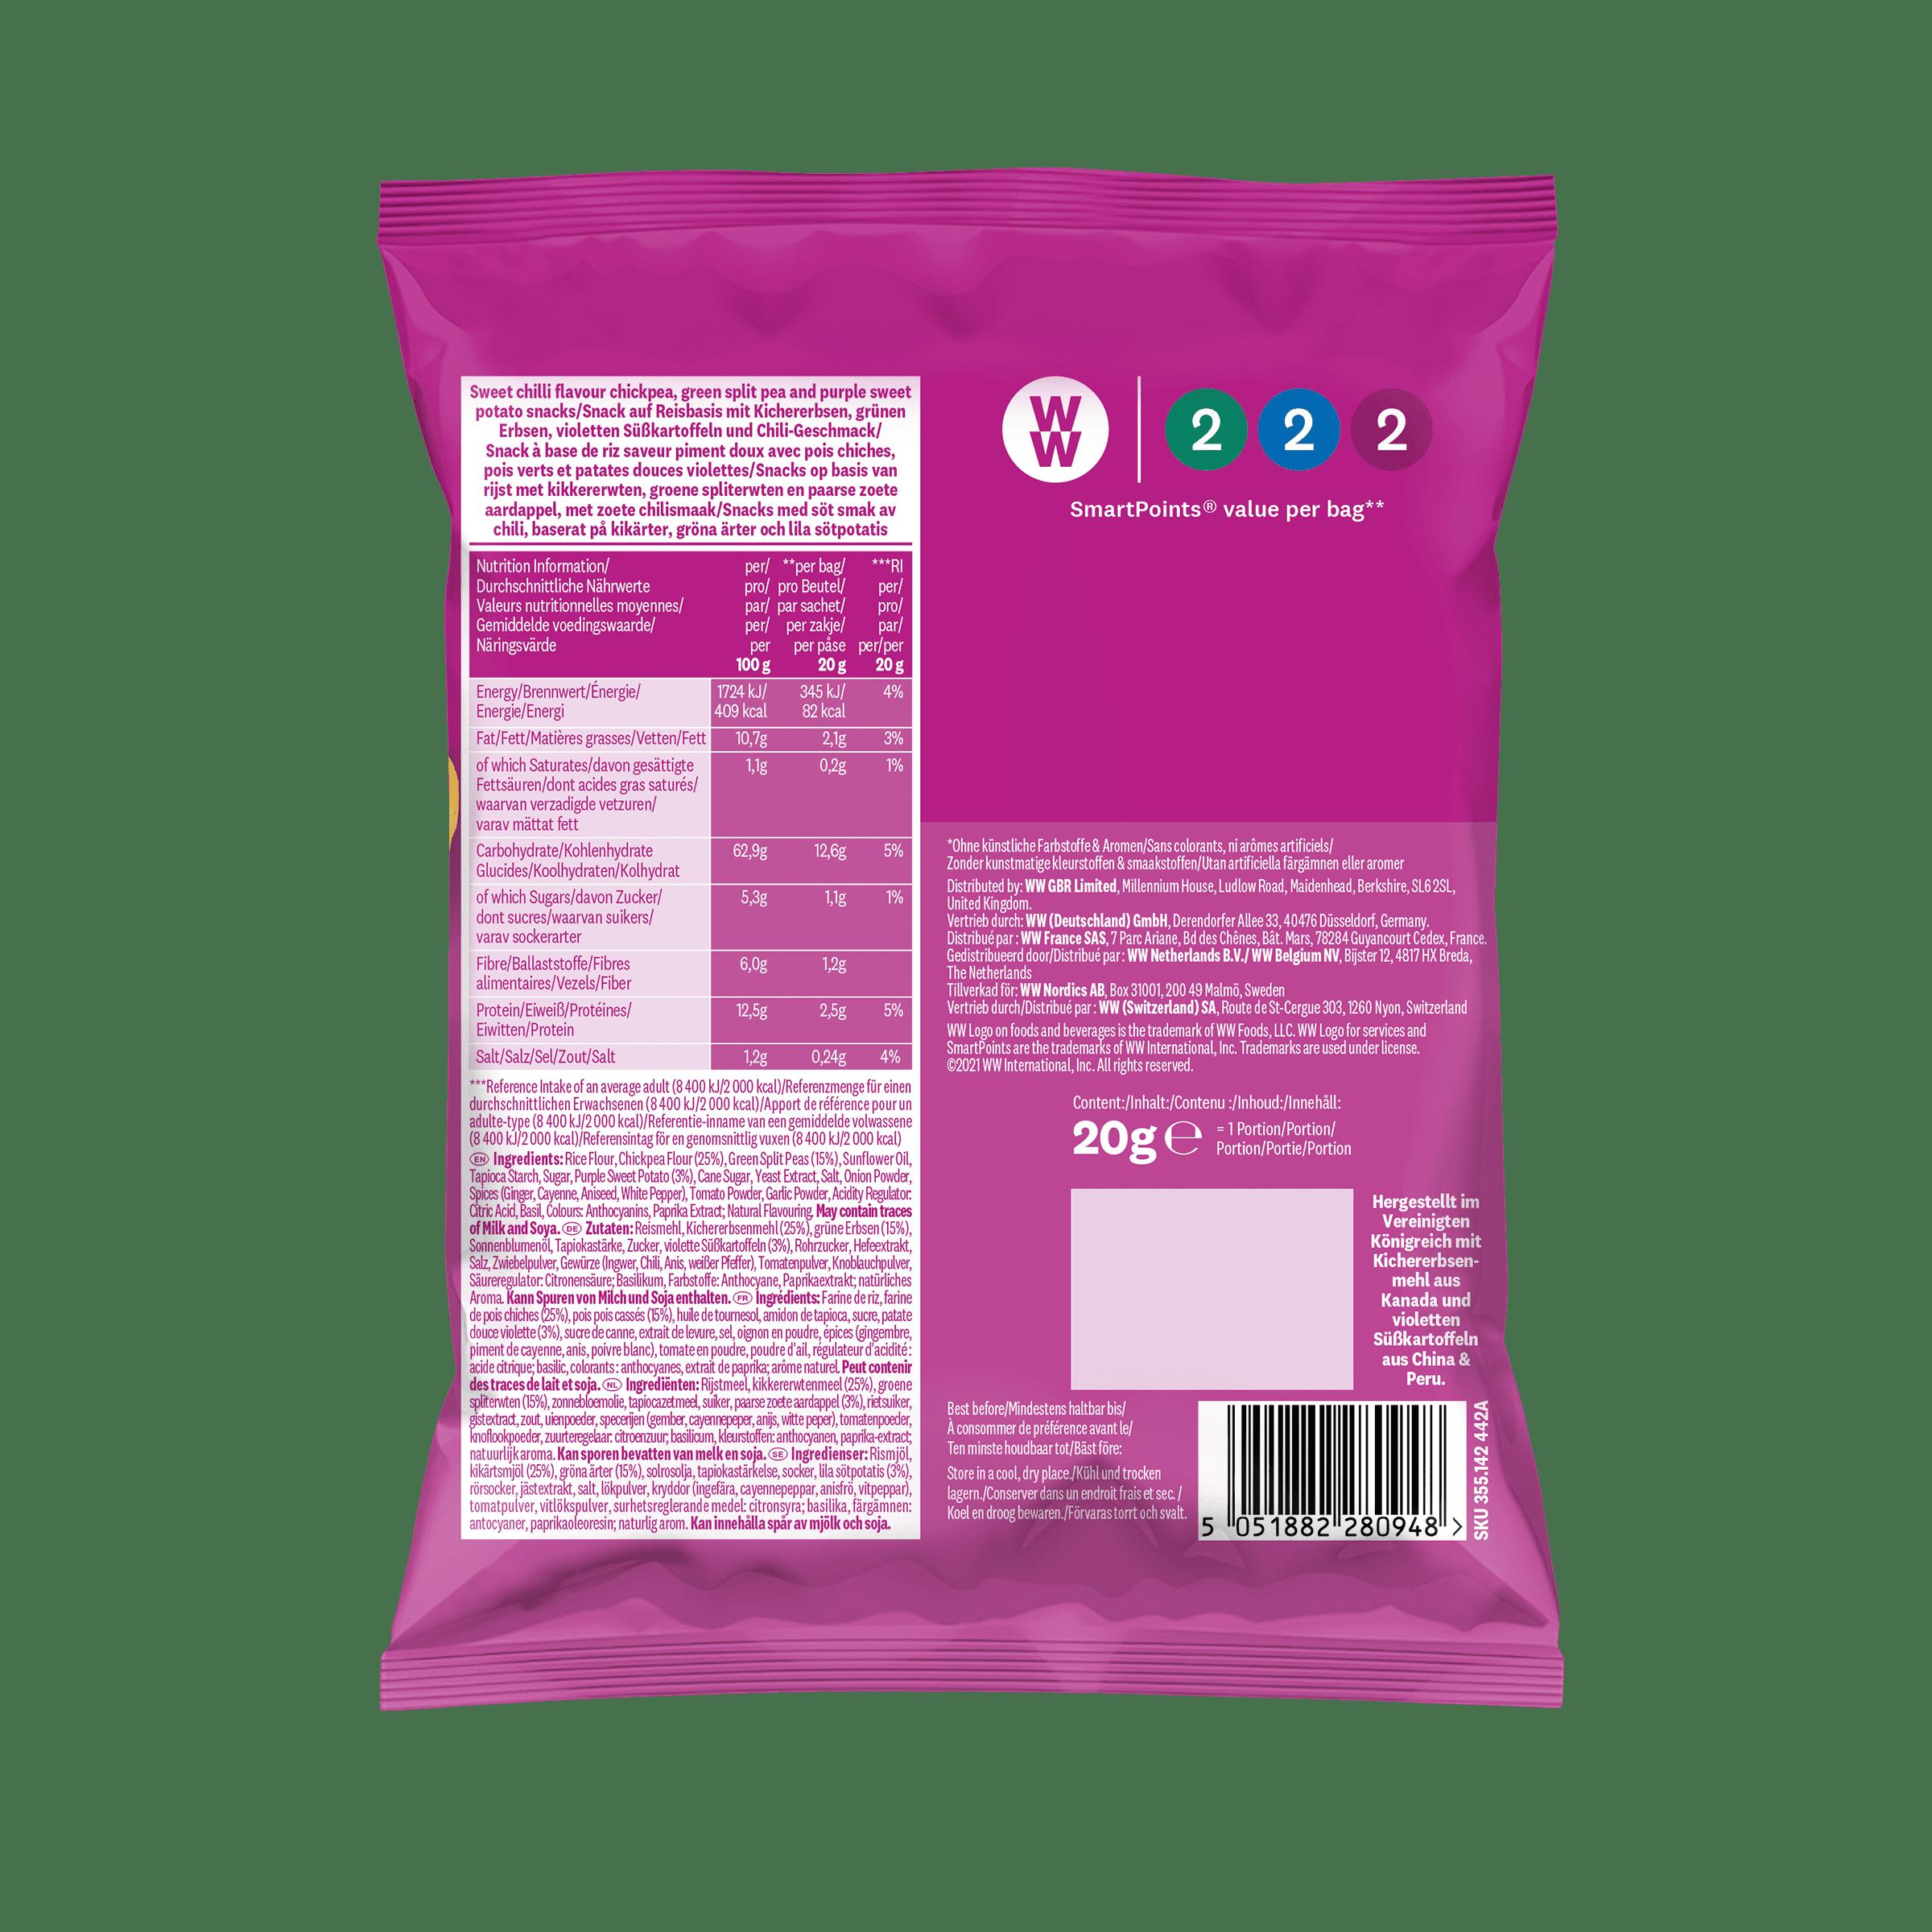 WW Snack Sweet Chili mit Kichererbsen, grünen Erbsen und Süßkartoffel 5er Pack, Rückseite der pinken Verpackung mit Nährwertangaben